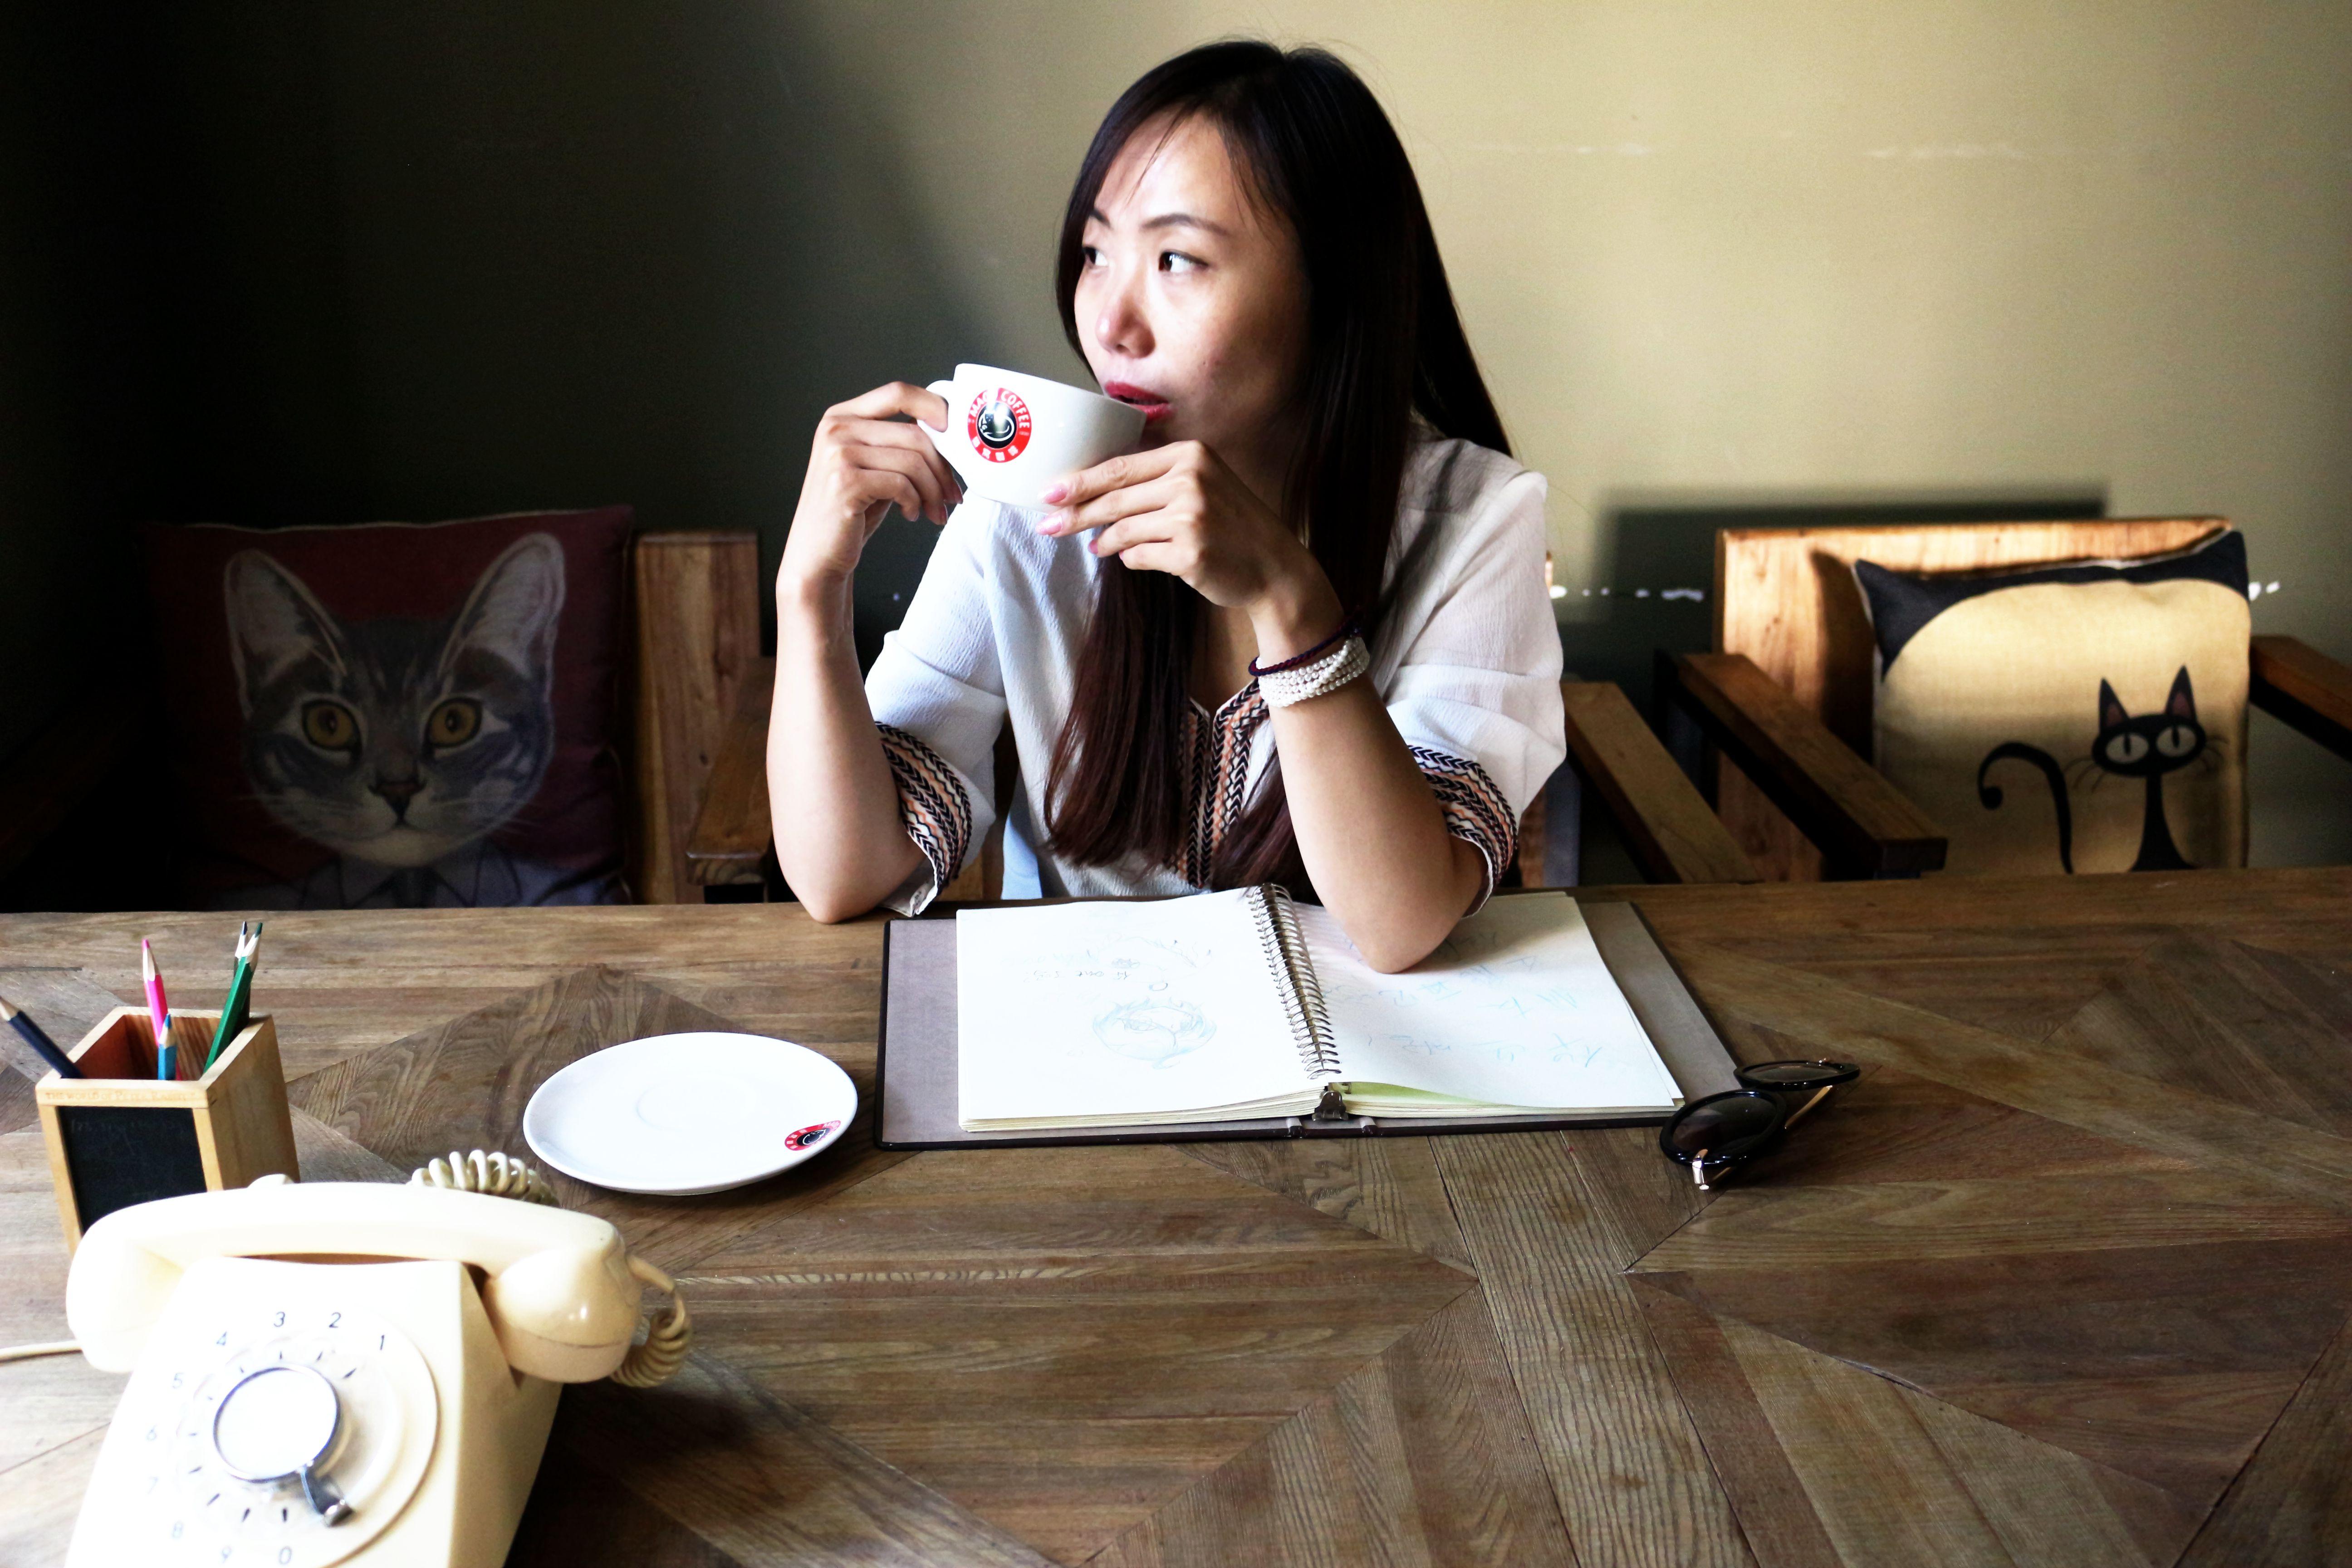 【猫窝学堂】学点咖啡产地的知识,增加喝咖啡时的谈资